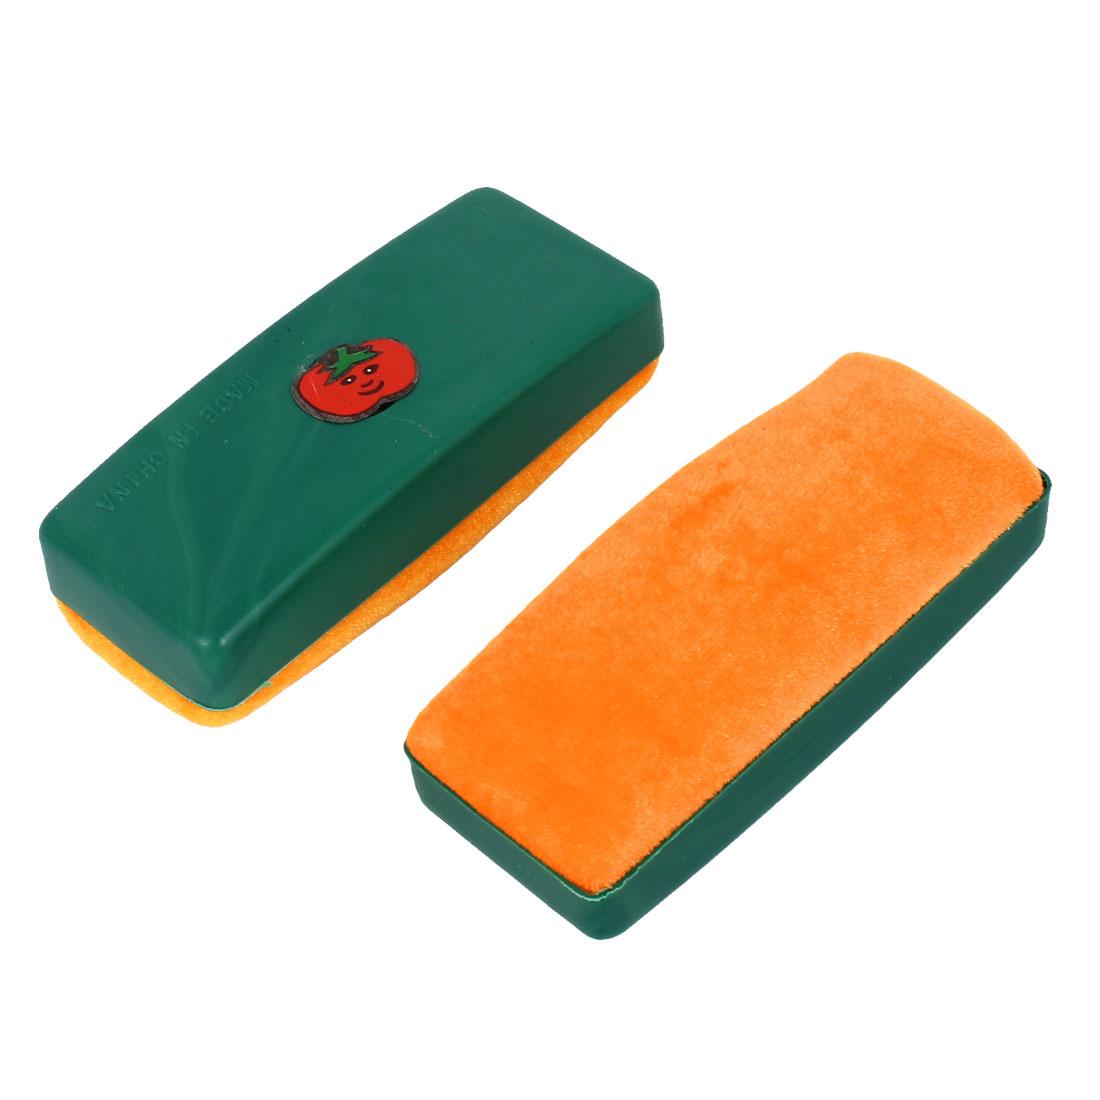 2pcs Plastic Shell Whiteboard Blackboard Cleaner Dry Marker Eraser Orange Green